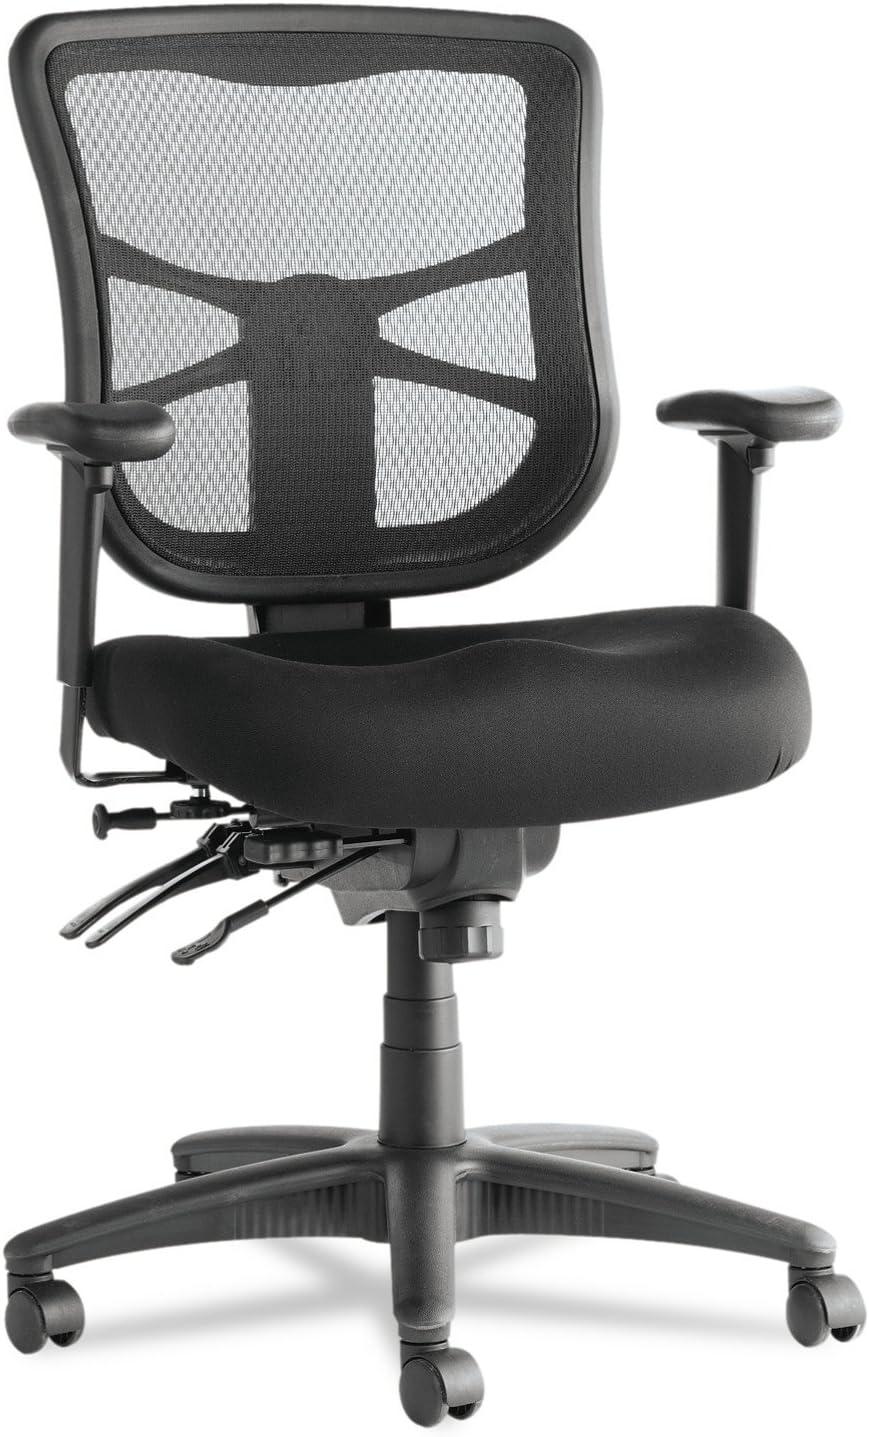 Alera Desk Chair